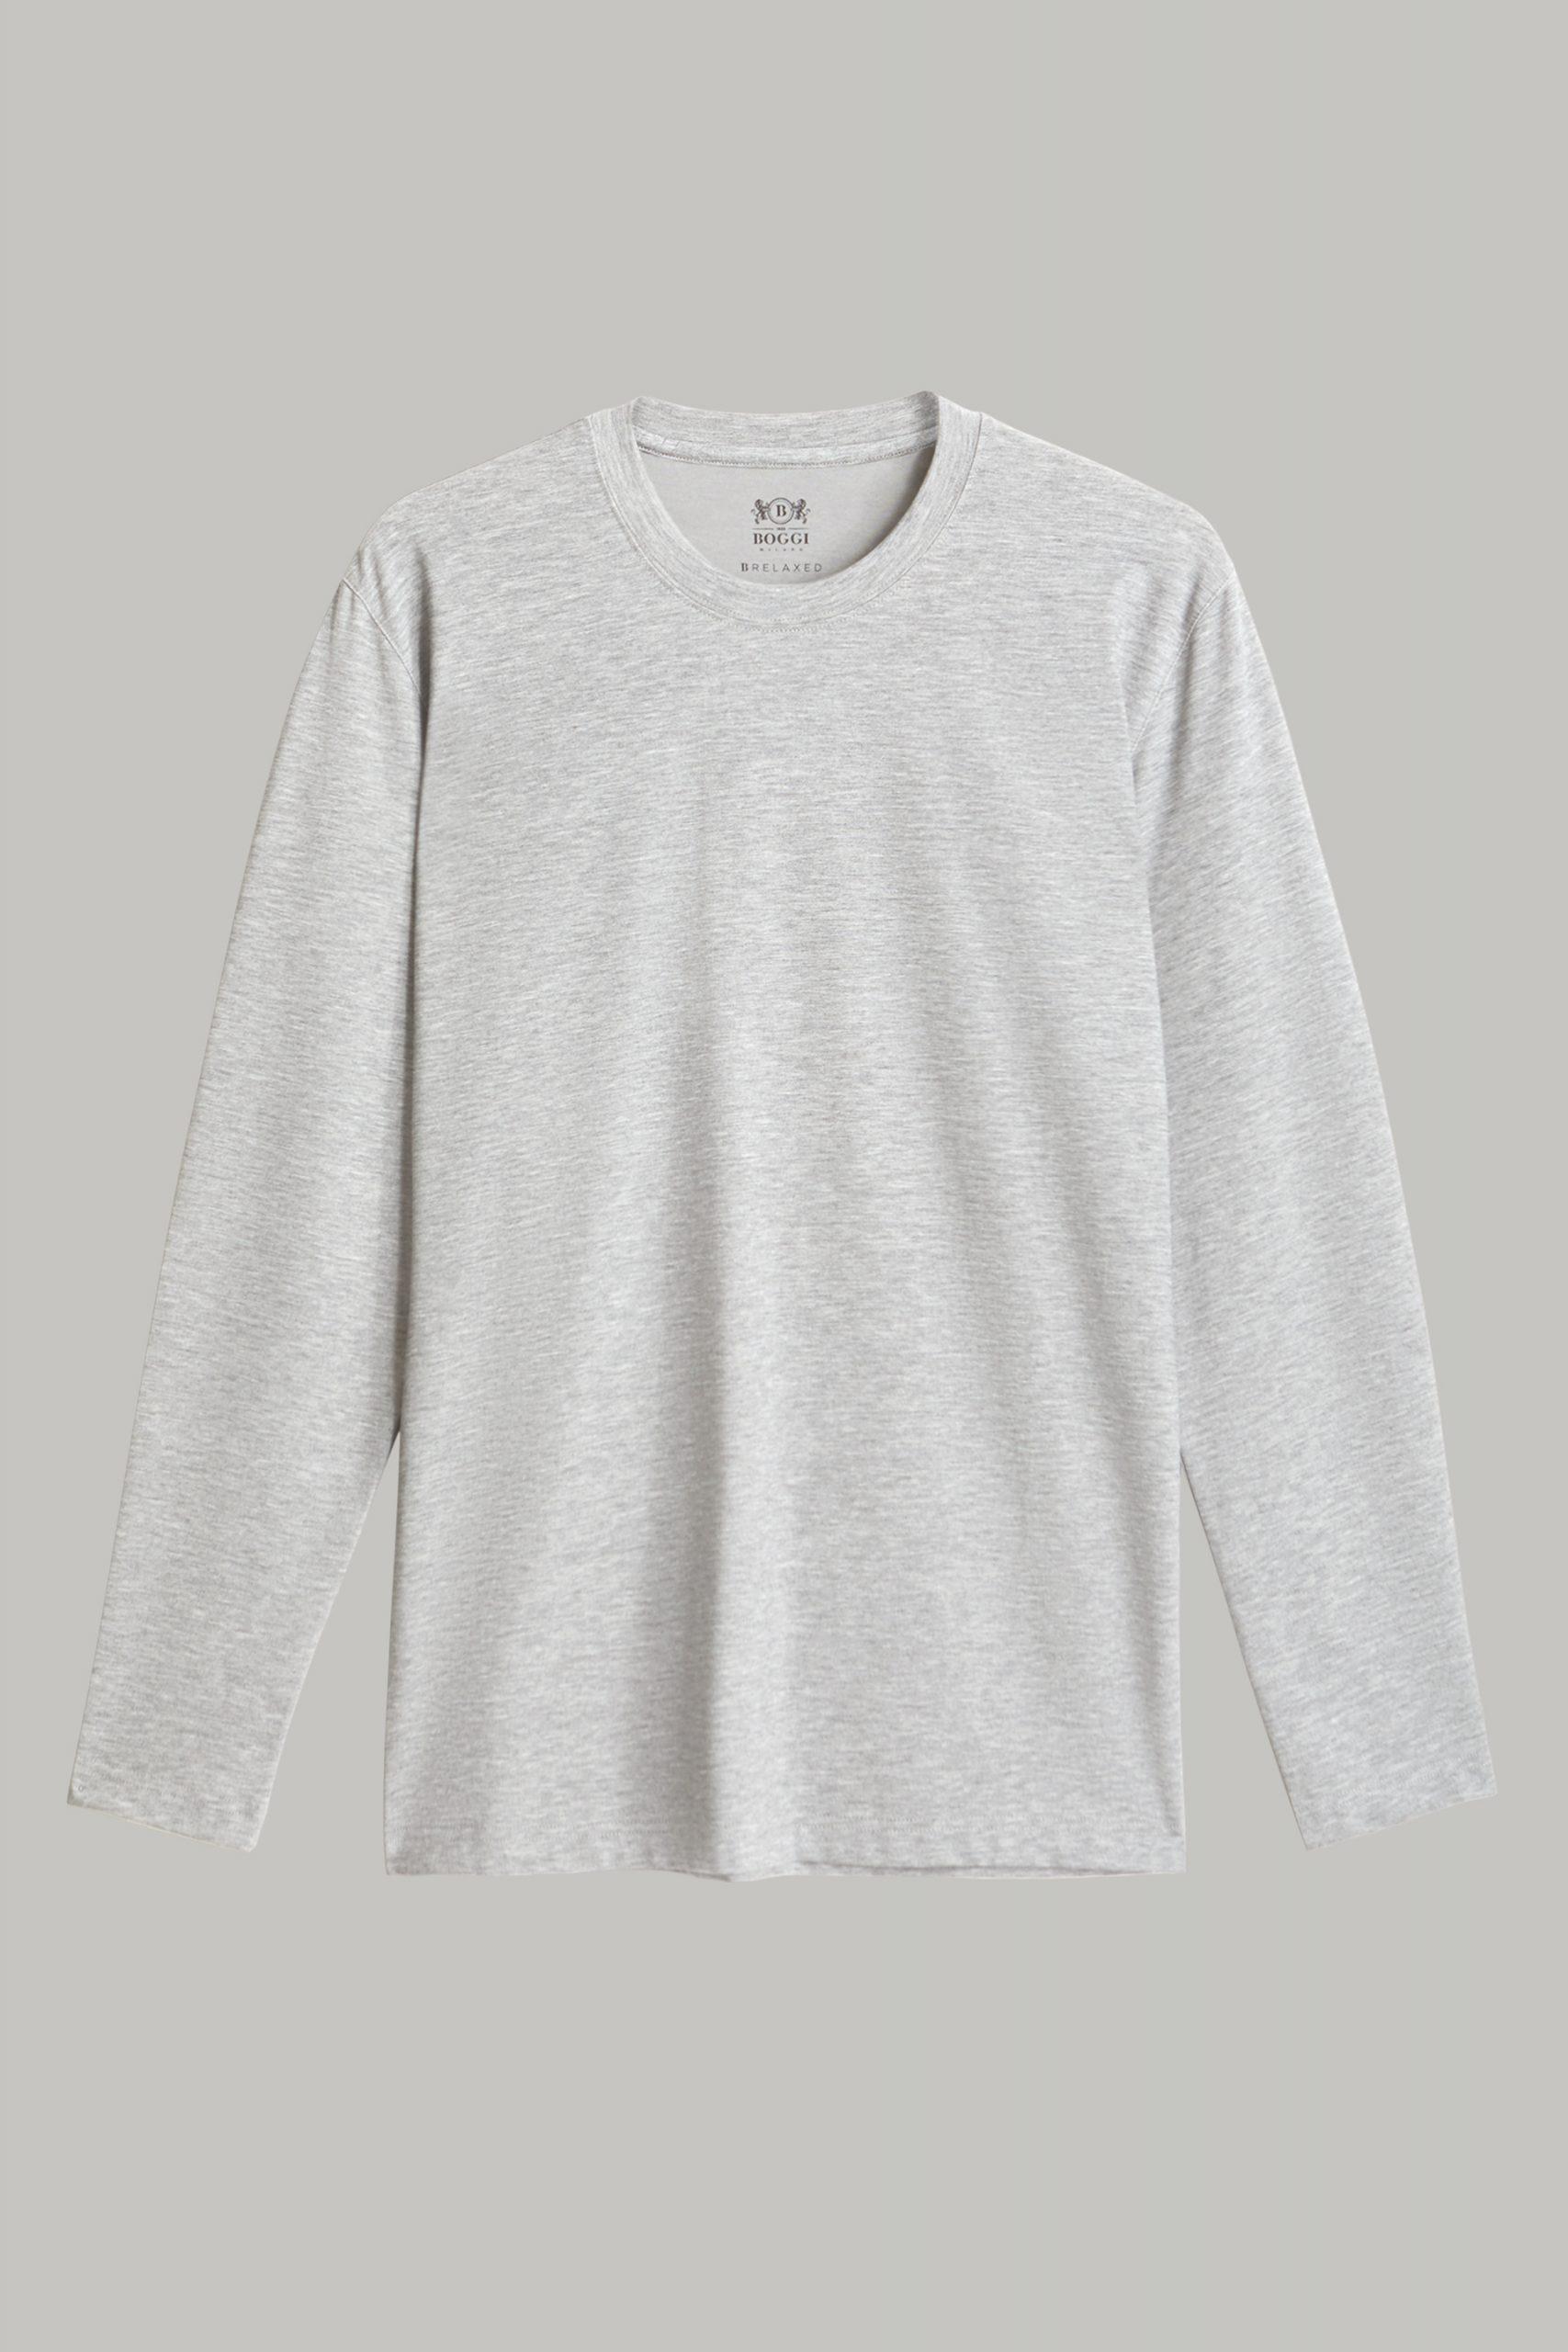 T-Shirts da uomo in colore Grigio chiaro in materiale